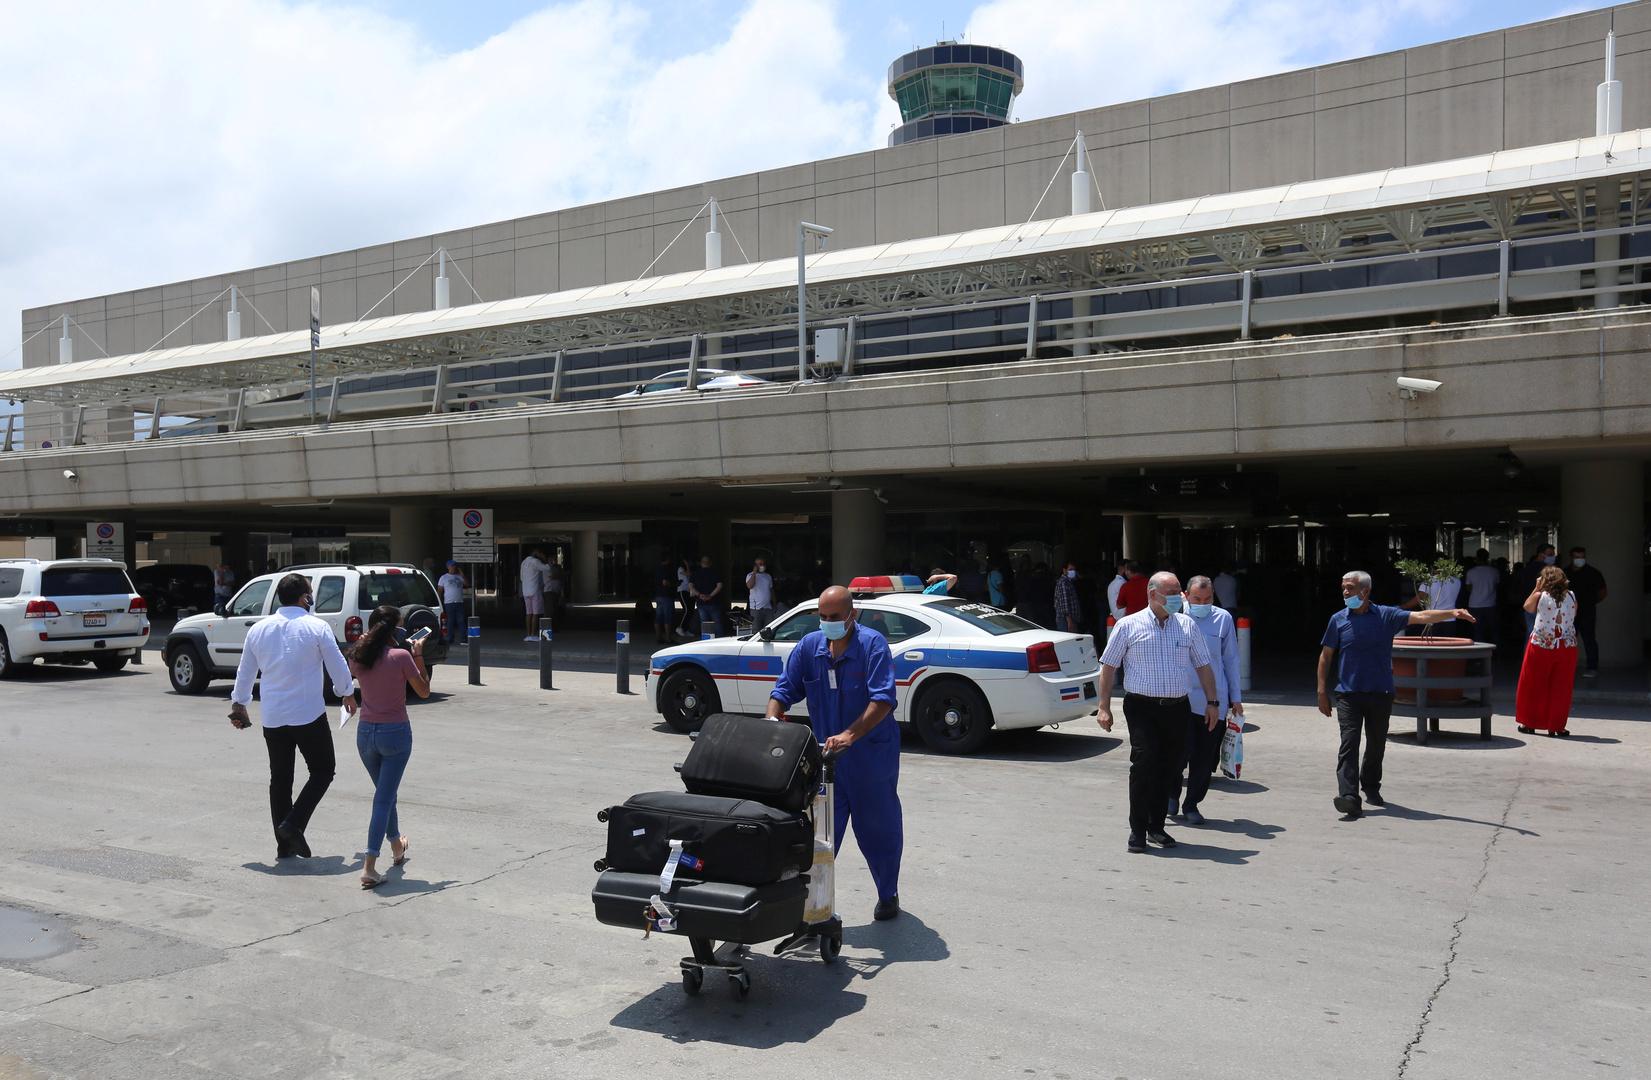 أول فنانة عربية تصل إلى مطار بيروت بعد فك الحظر